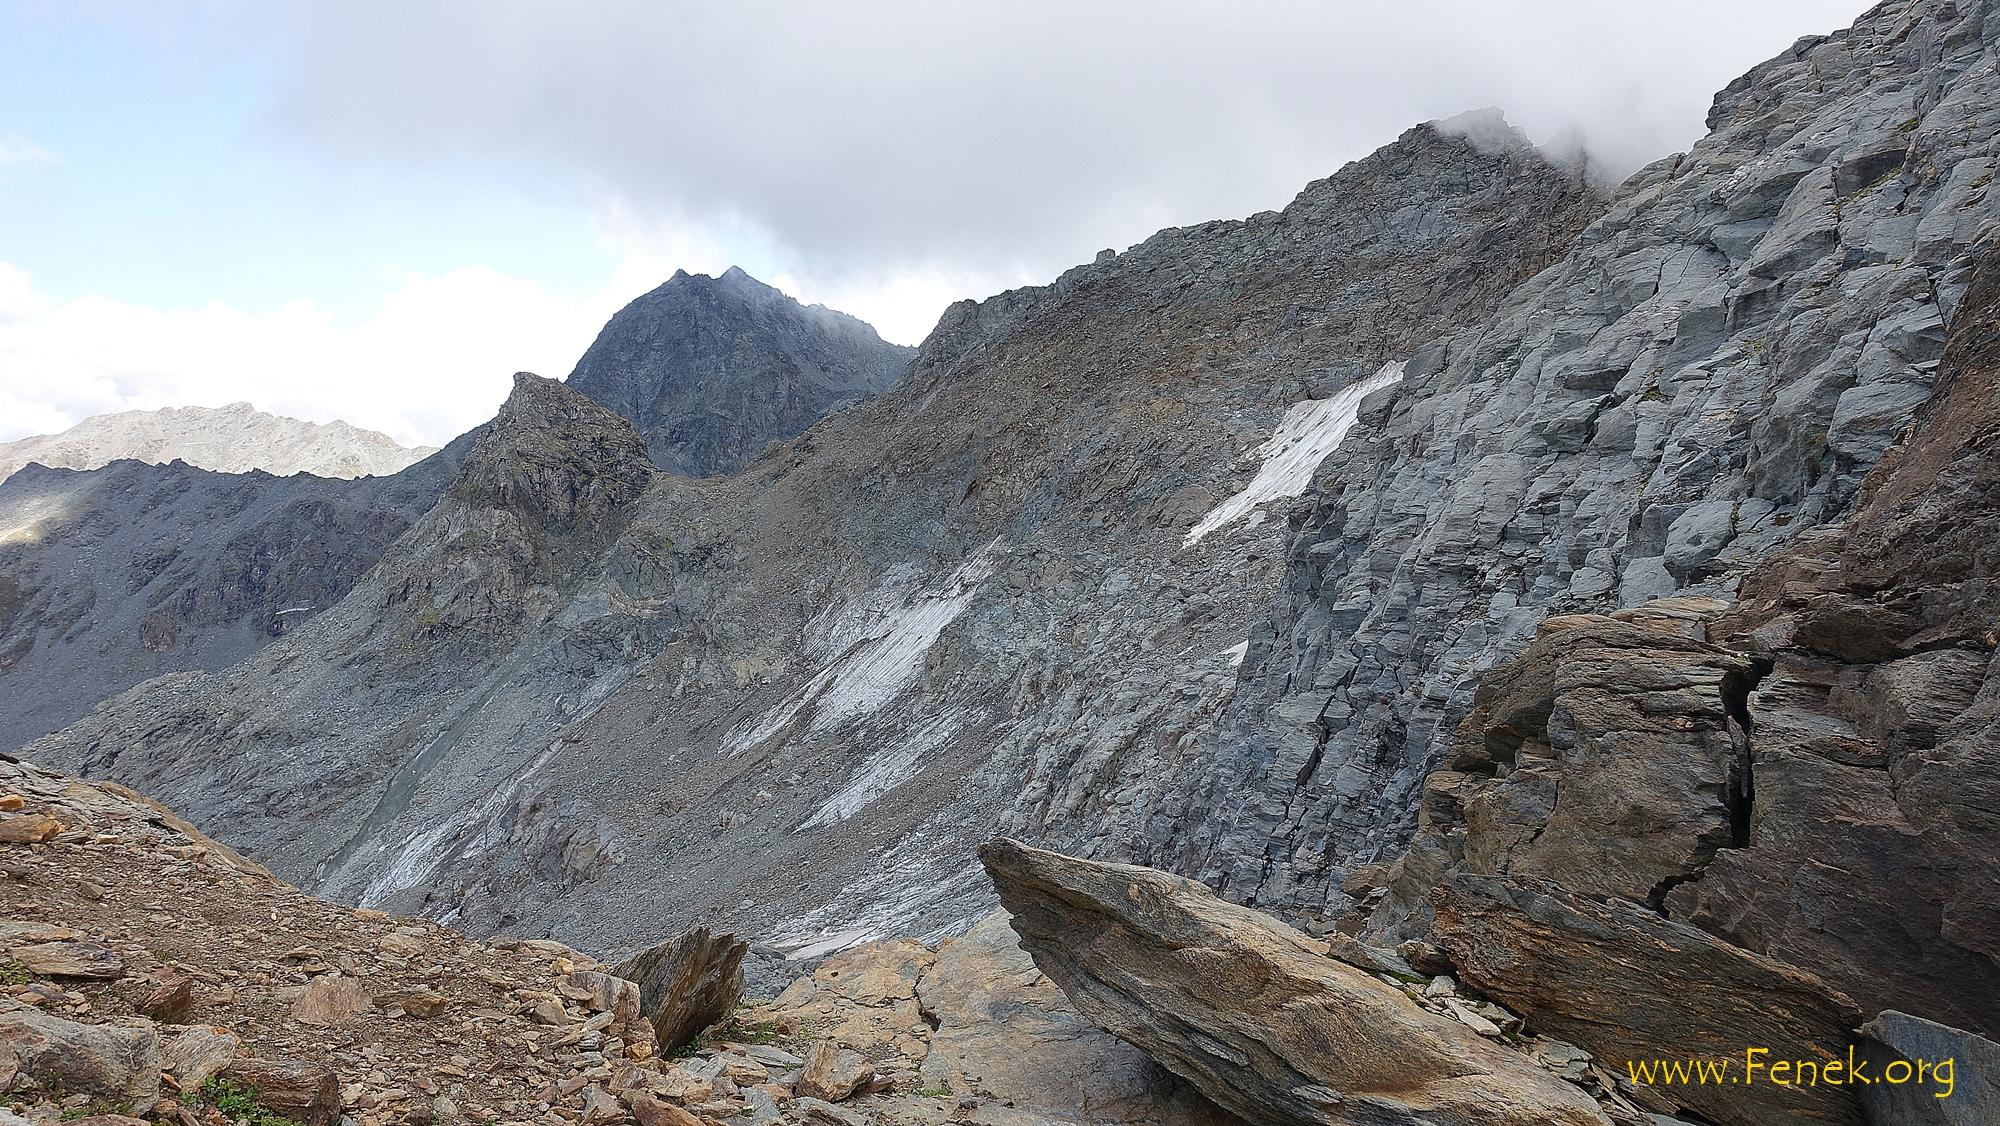 rechts Gipfel Pointe de Cion und die Flanke die wir abgestiegen sind